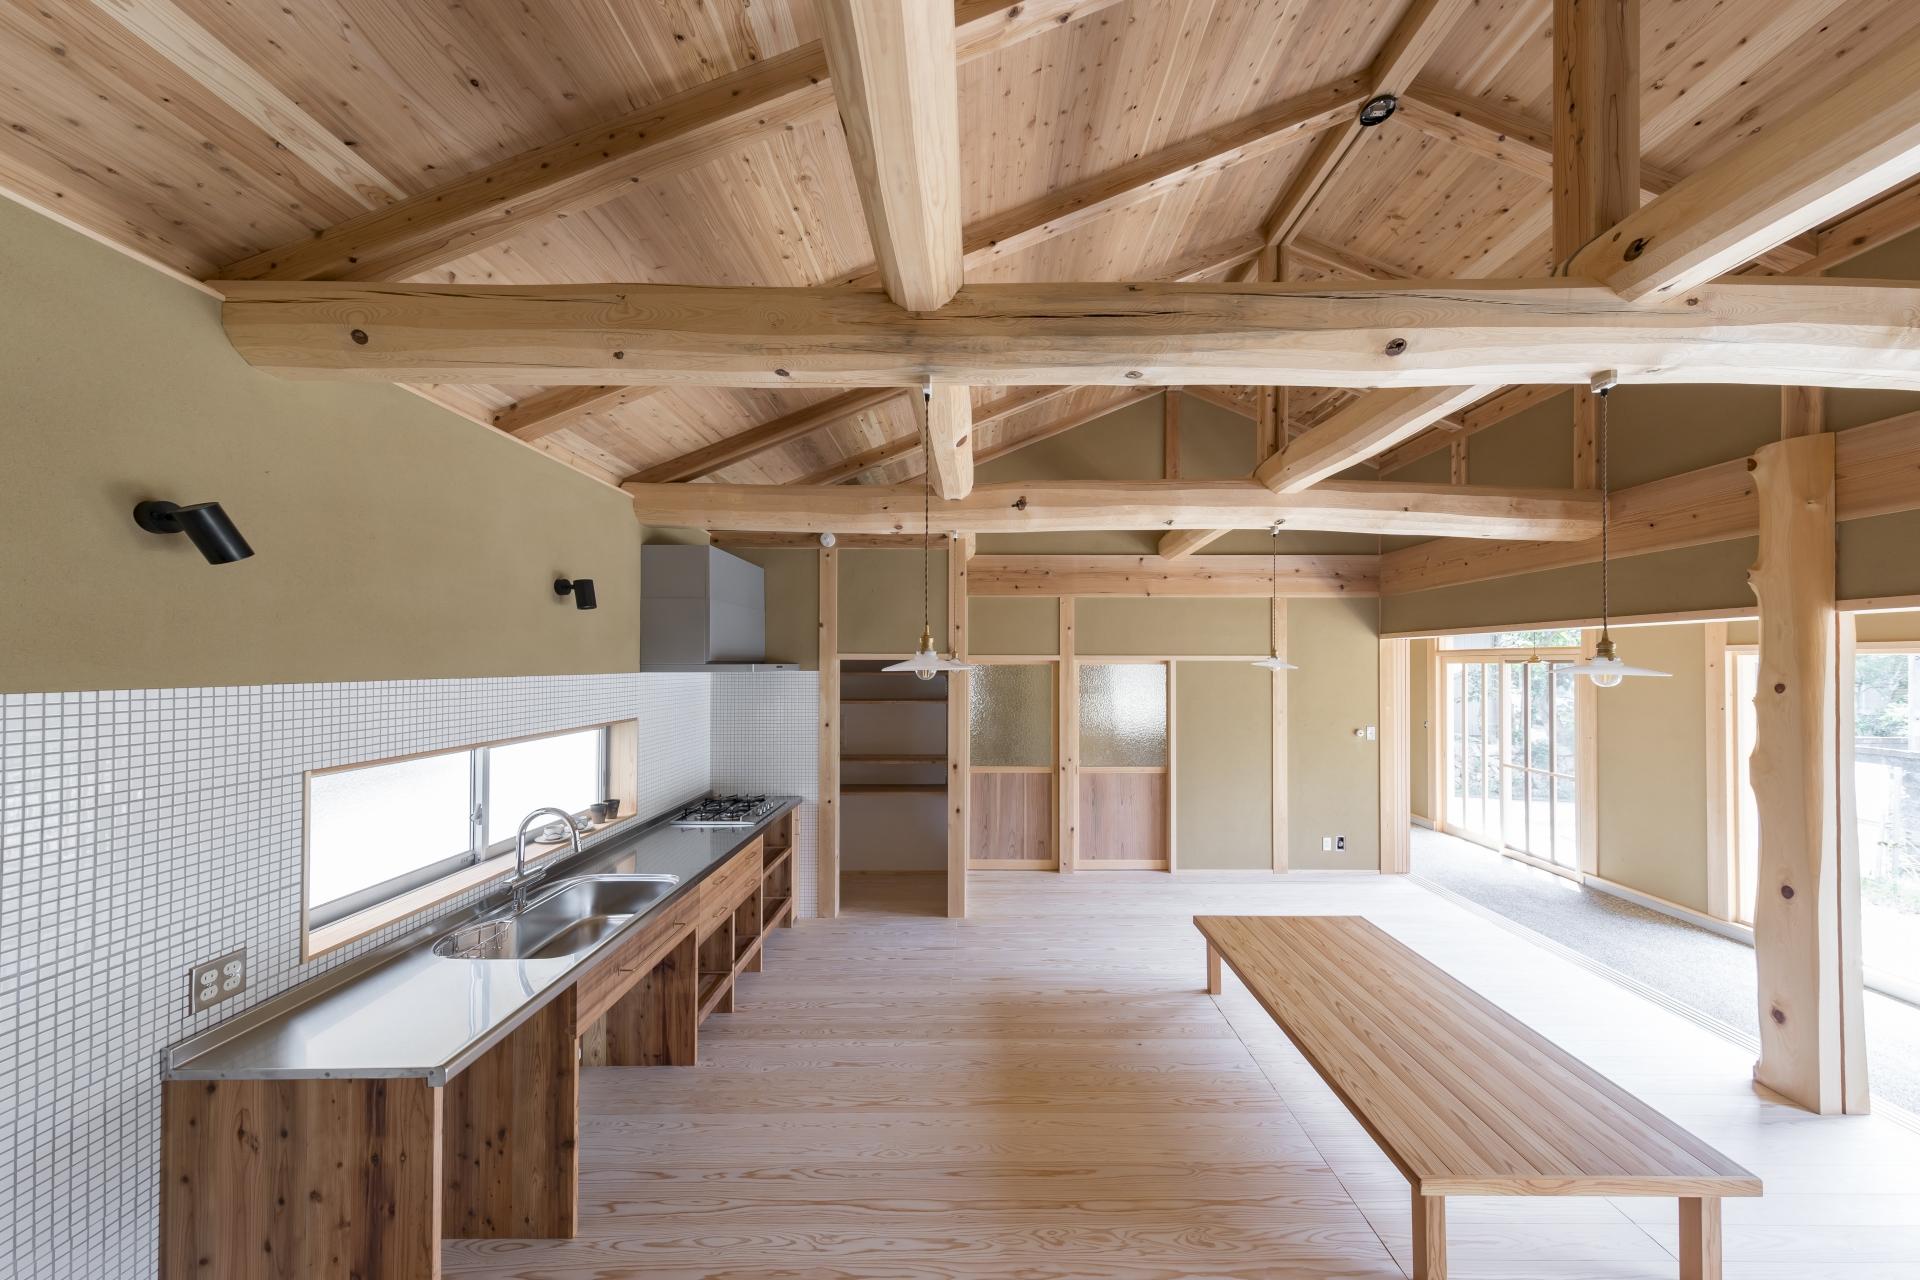 WOODLIFE style 丸守木材【子育て、自然素材、平屋】白いタイル×シルバーがレトロ感を演出するキッチンコーナー。キッチンの窓を開ければ、外の自然を感じながら家事ができる。コンロ周りもシンプルにまとめた